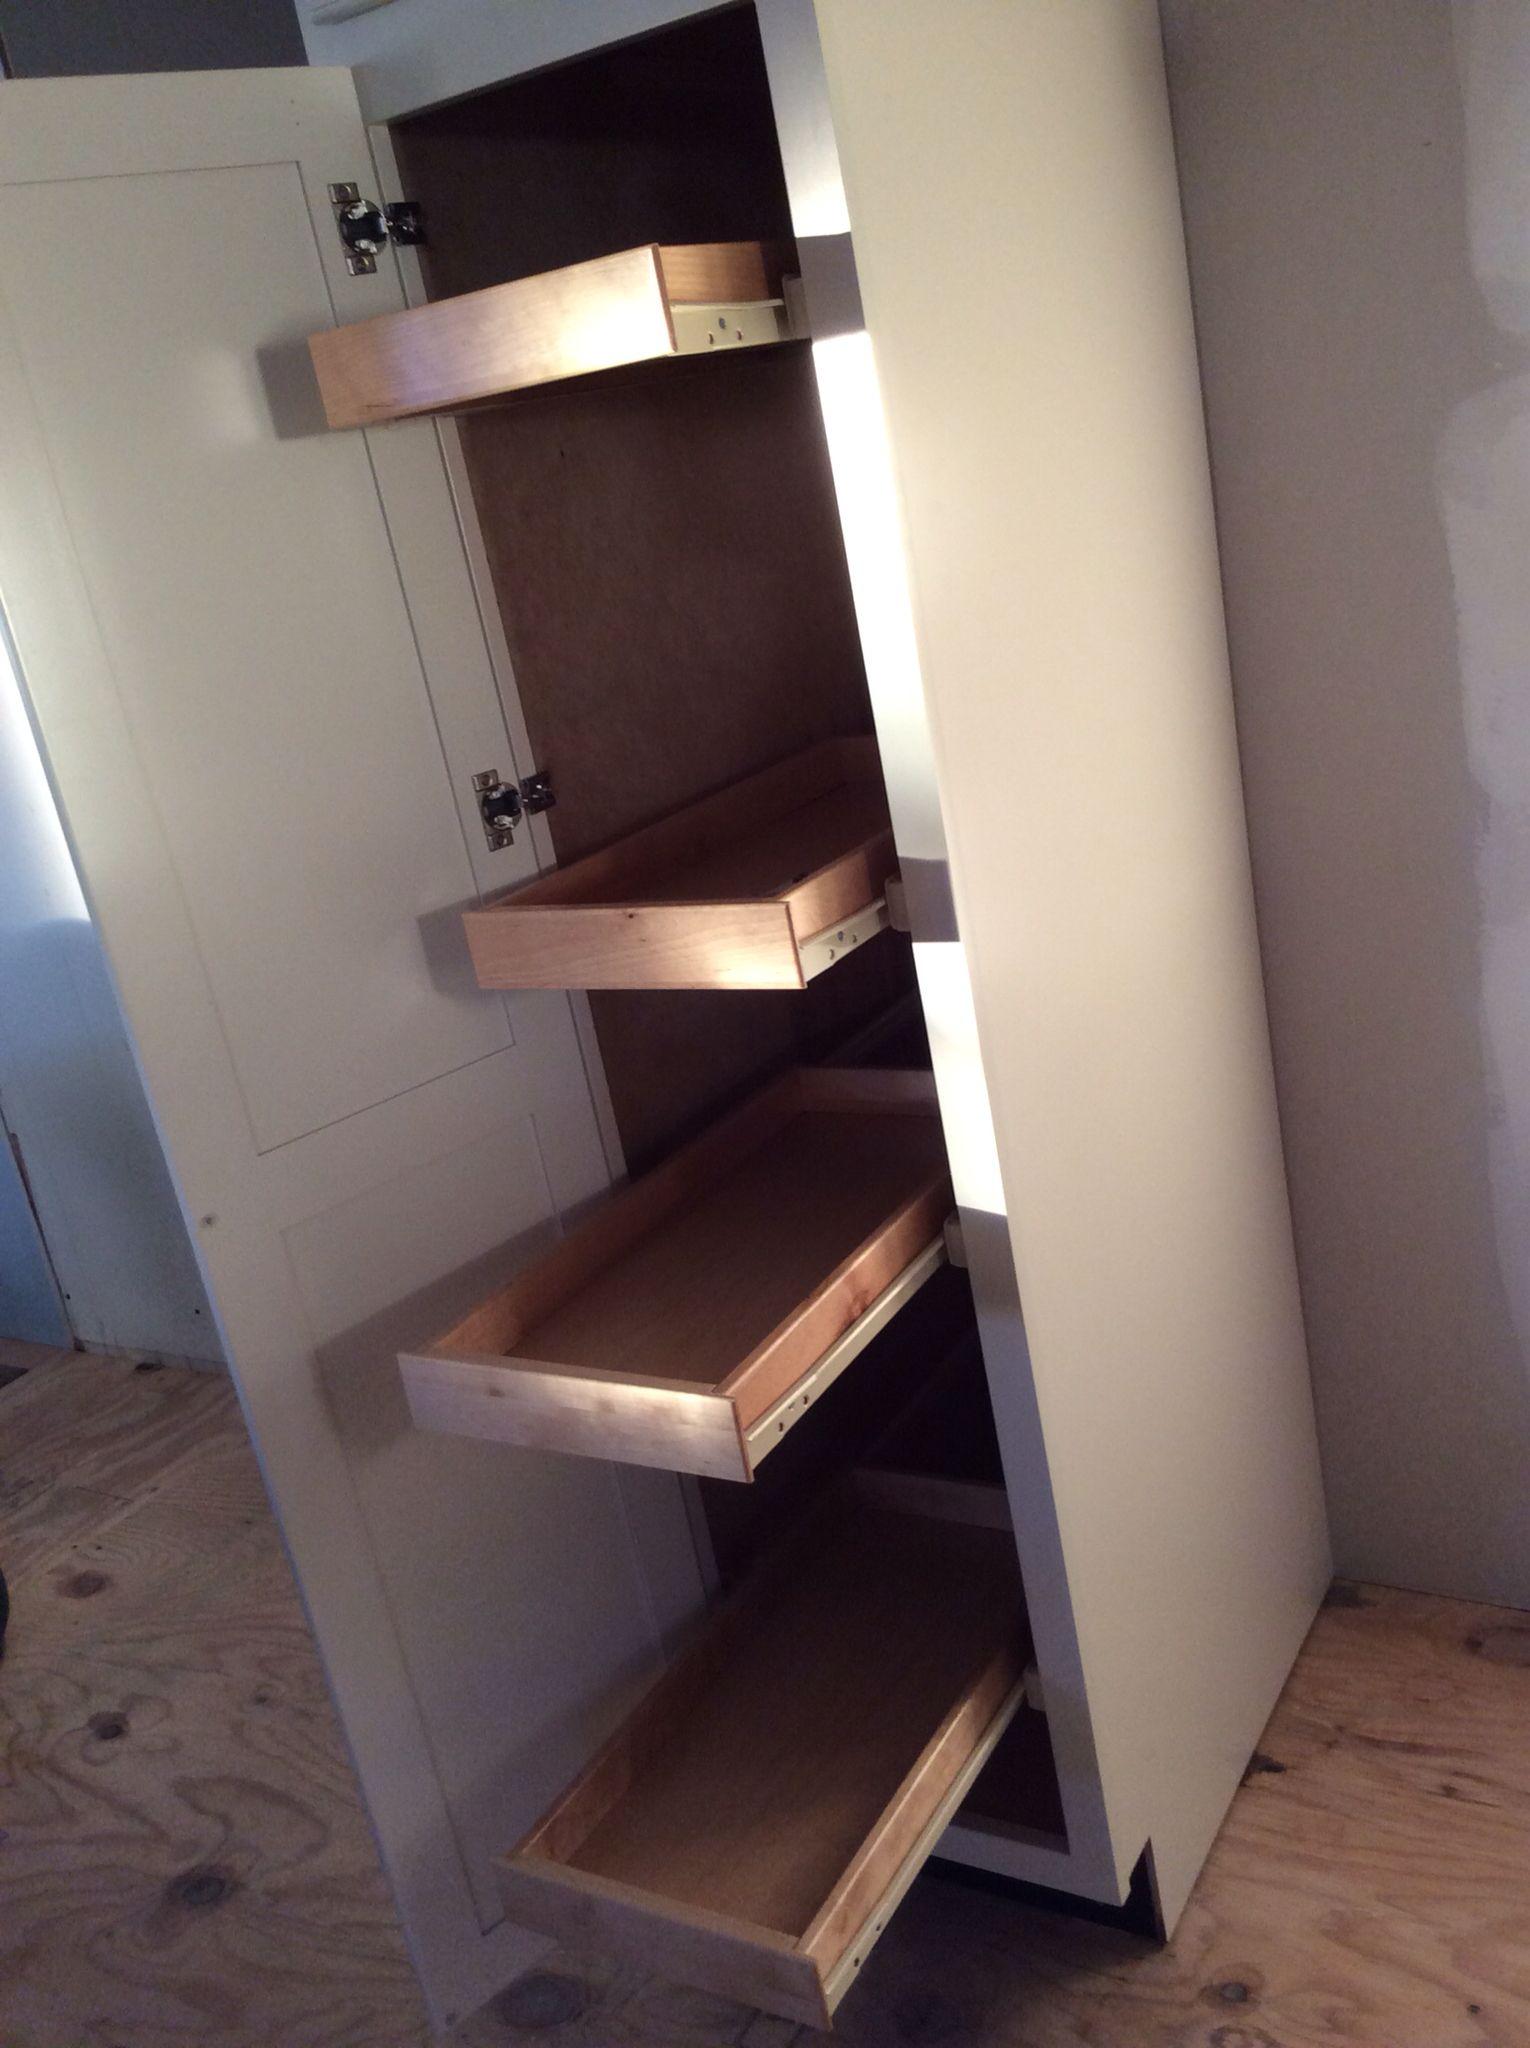 In A Mobile Home Storage Space Is At High Demand This Pantry Cabinet Was Great Decoraciones De Casa Casas Decoracion De Unas